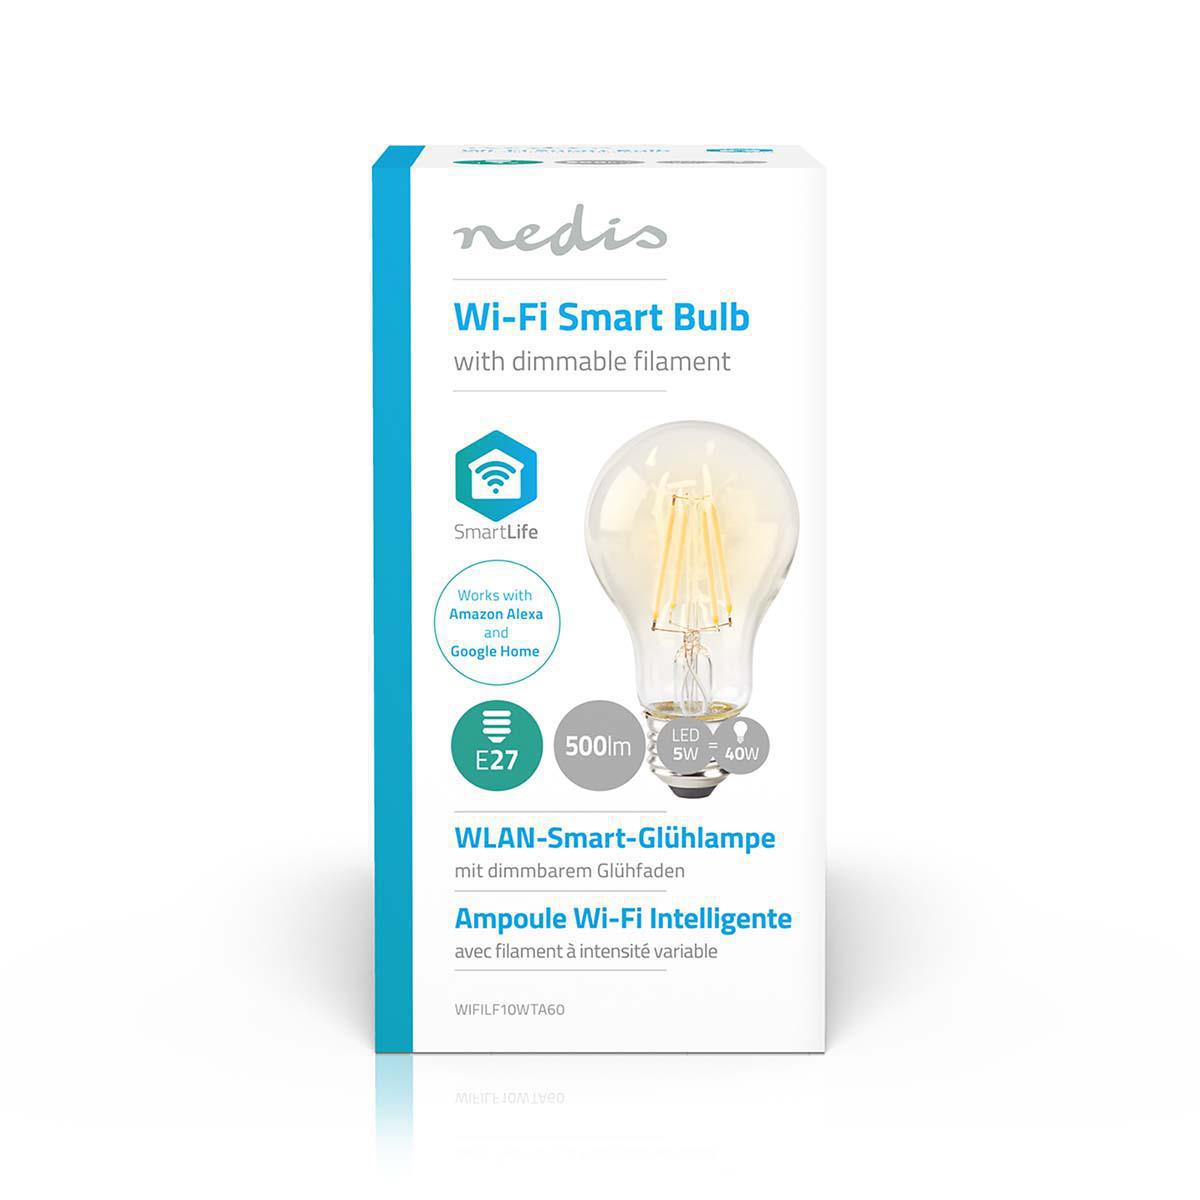 Slimme Wi-Fi Led Lamp helder glas 5 Watt 2700K warm wit - verpakking lamp